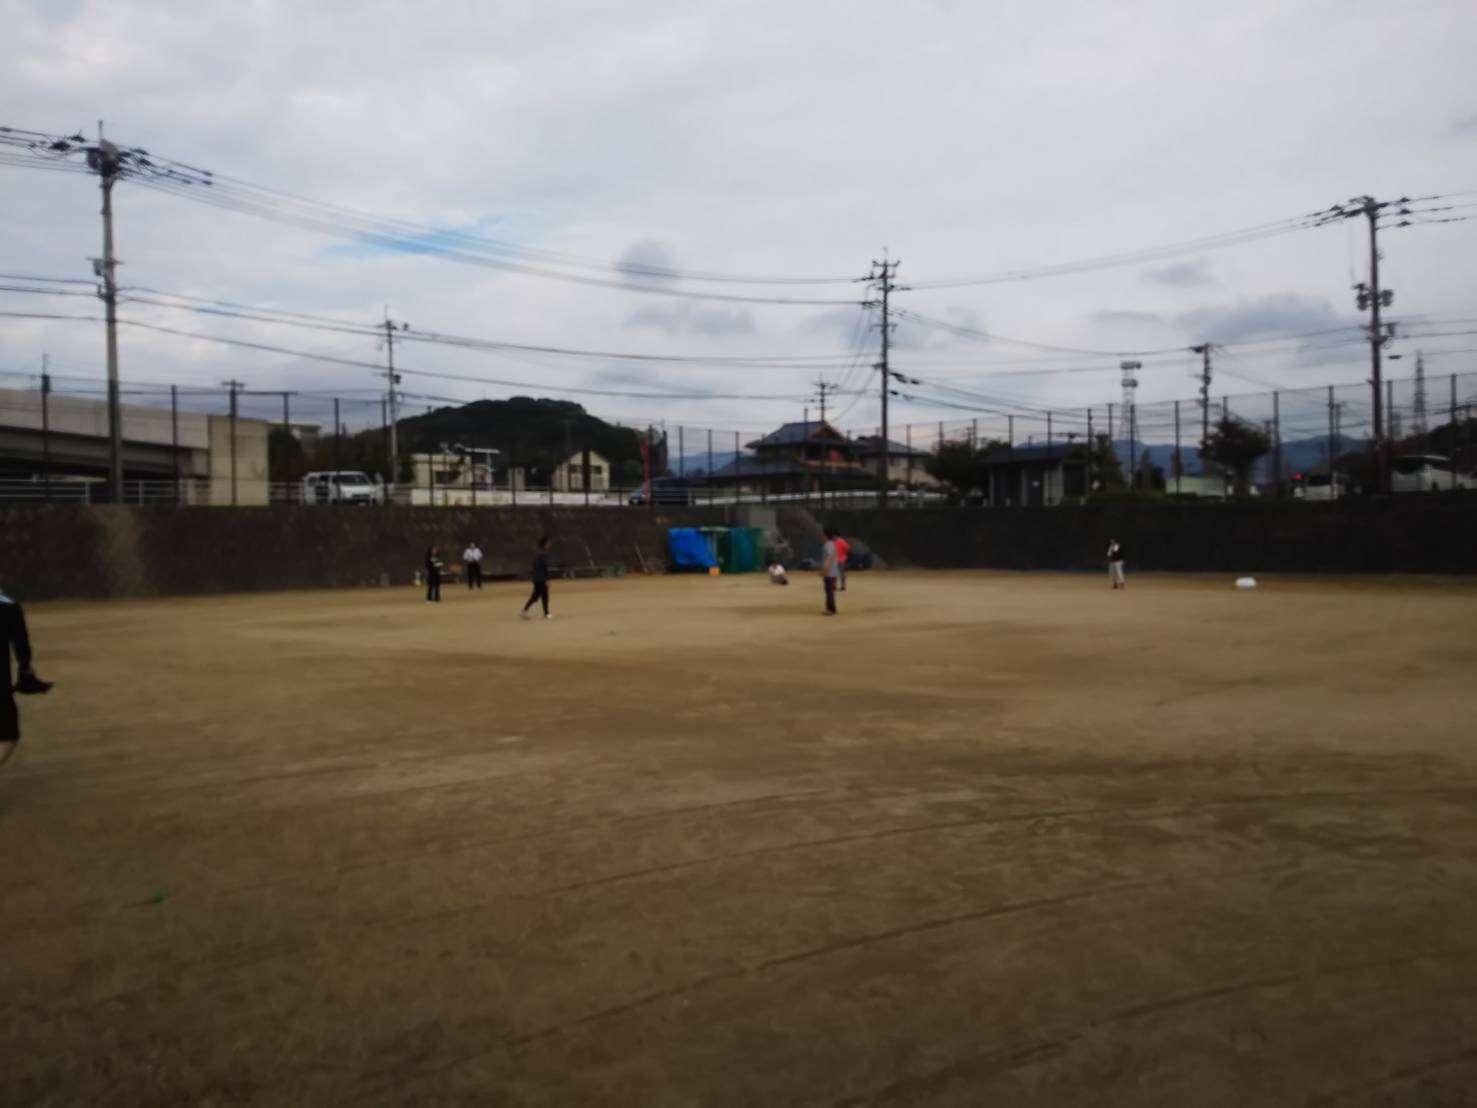 image ソフトボール大会の練習